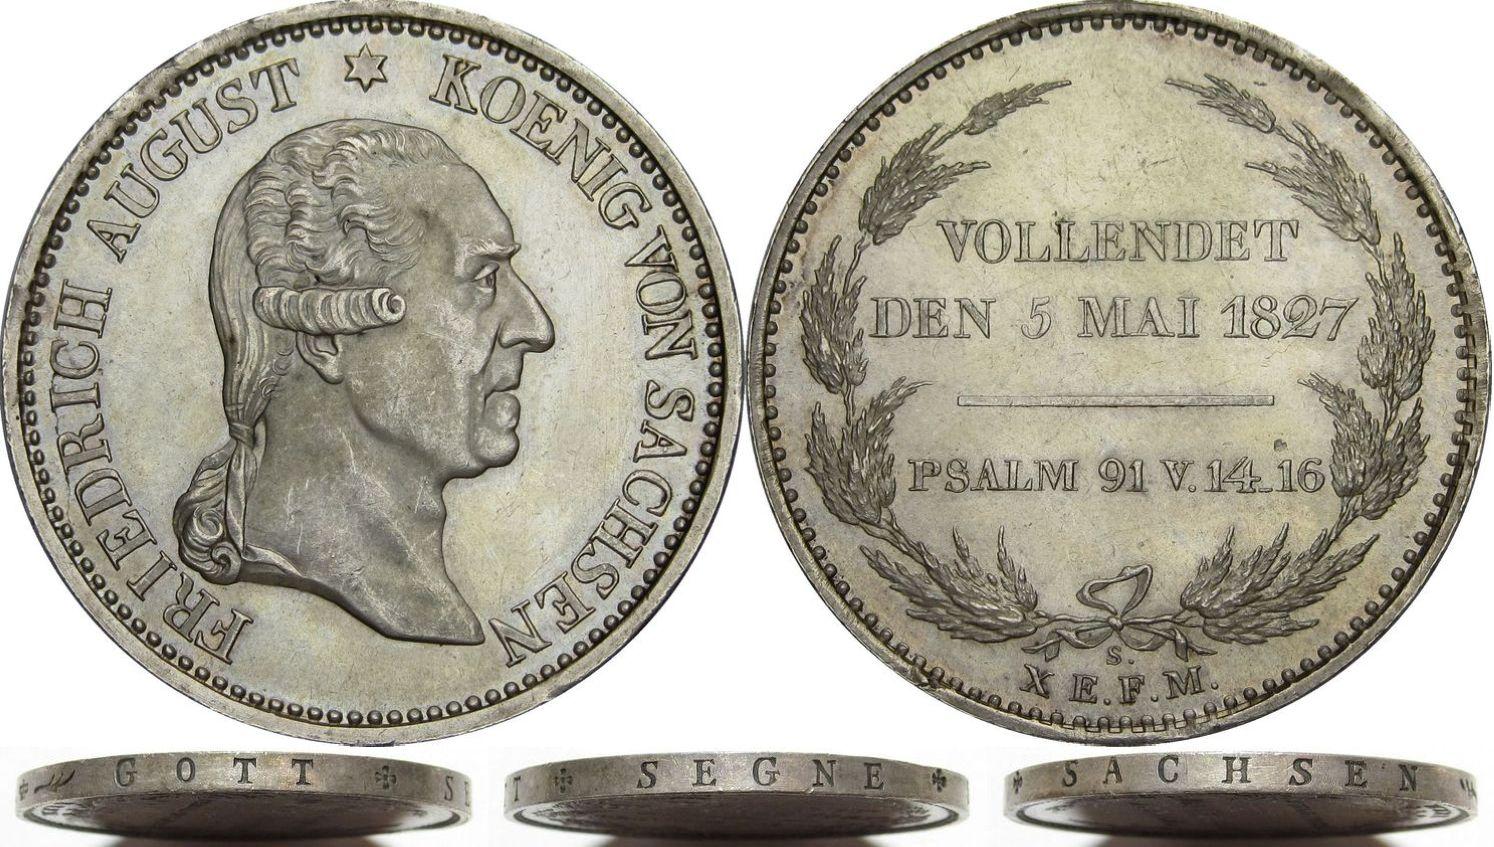 066 - Sterbe-Speziestaler Sachsen 1827.jpg